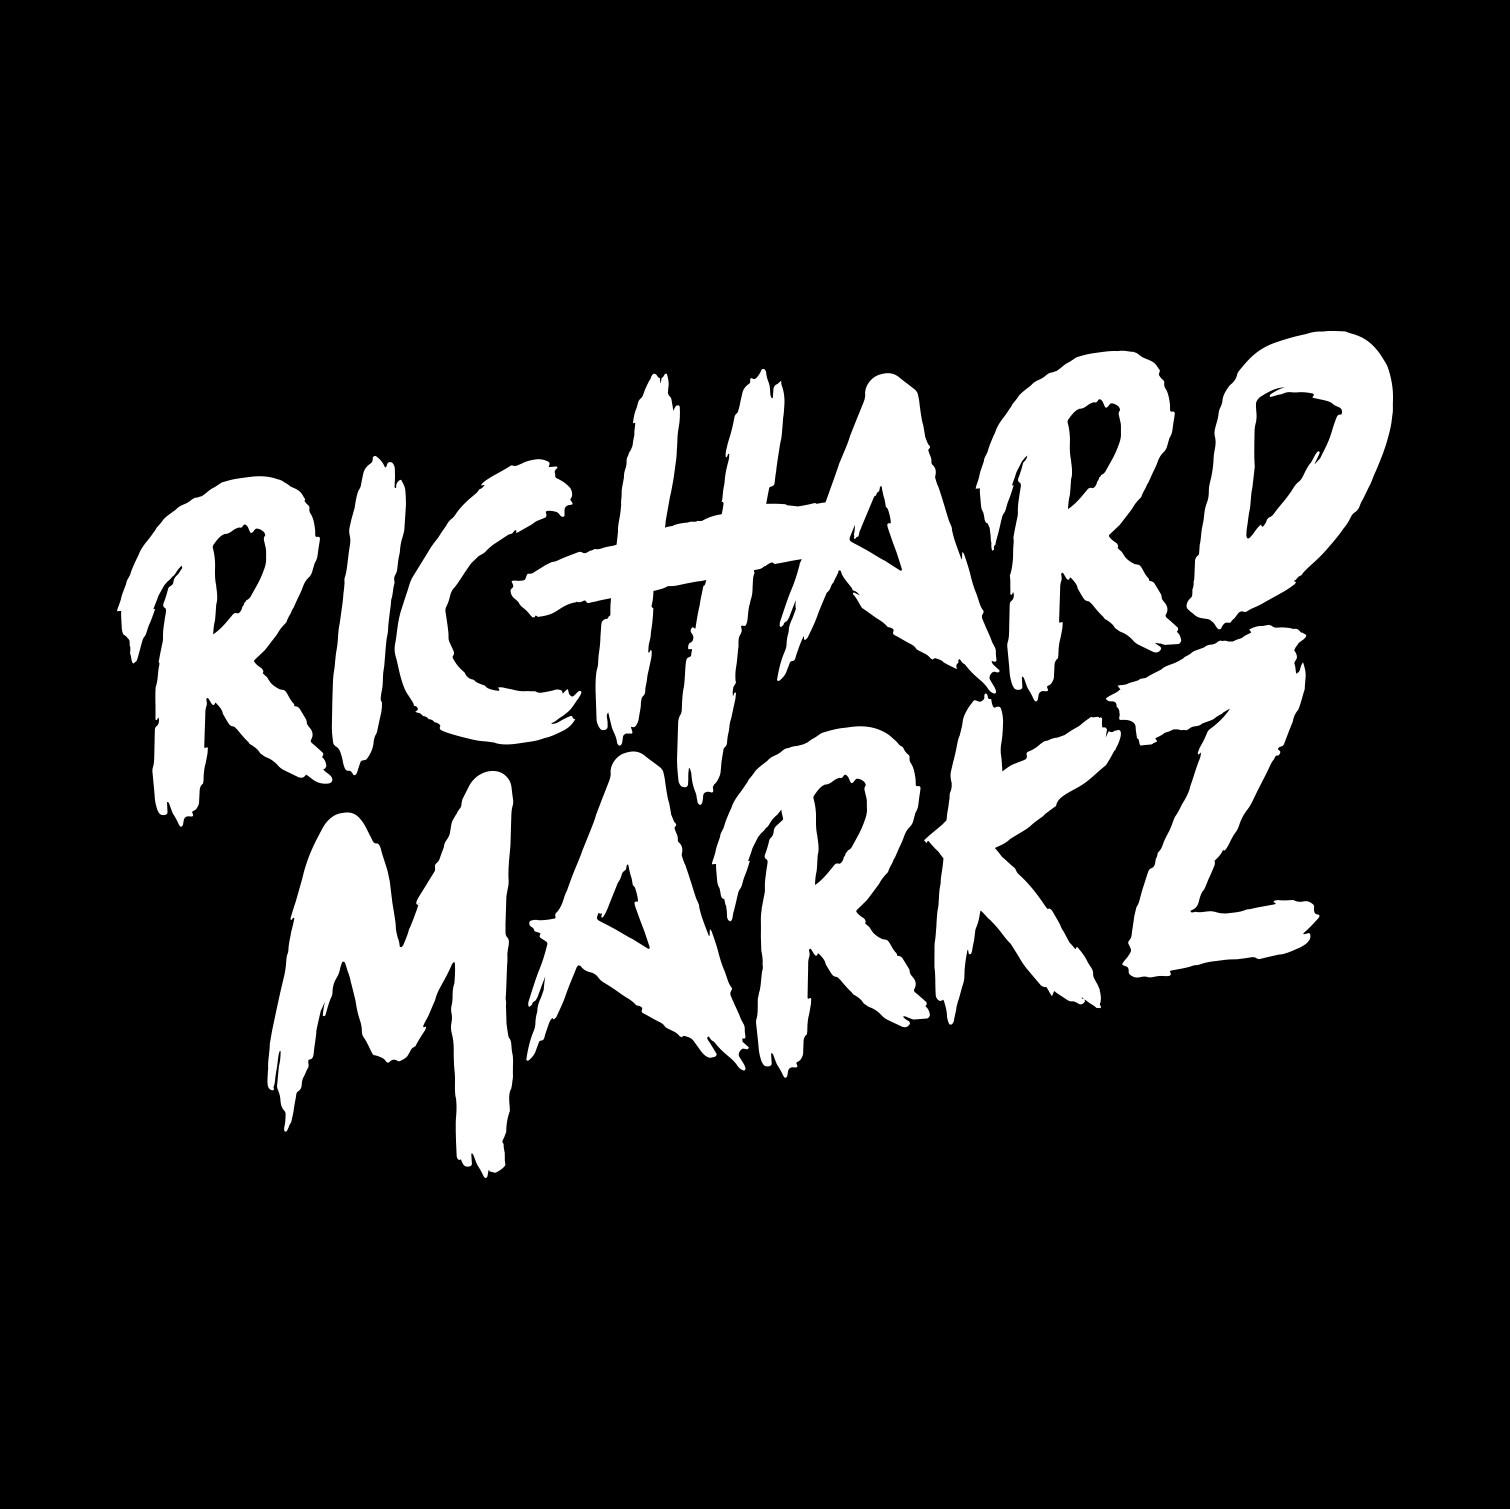 Richard Markz